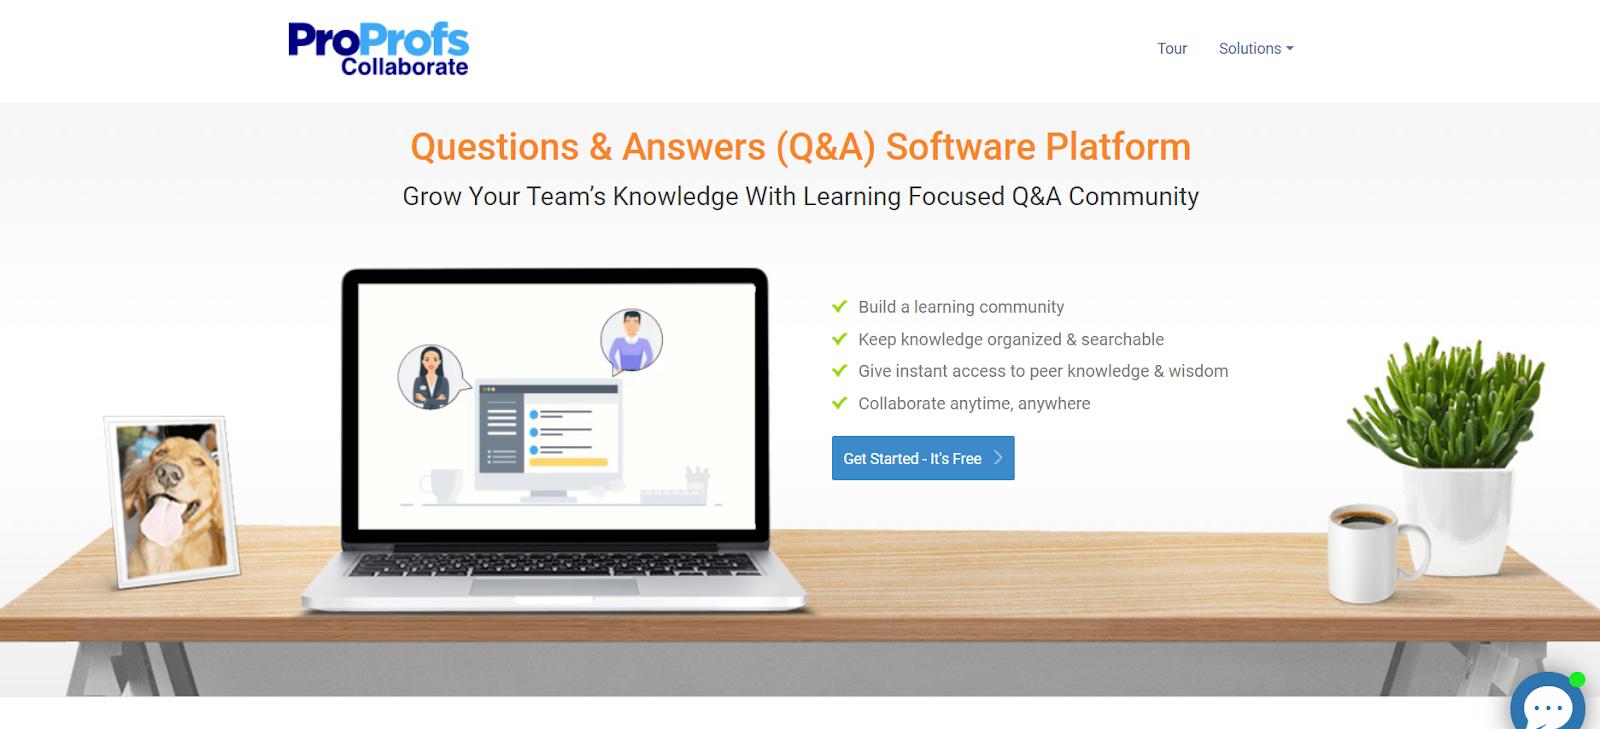 Q&A Software Platform